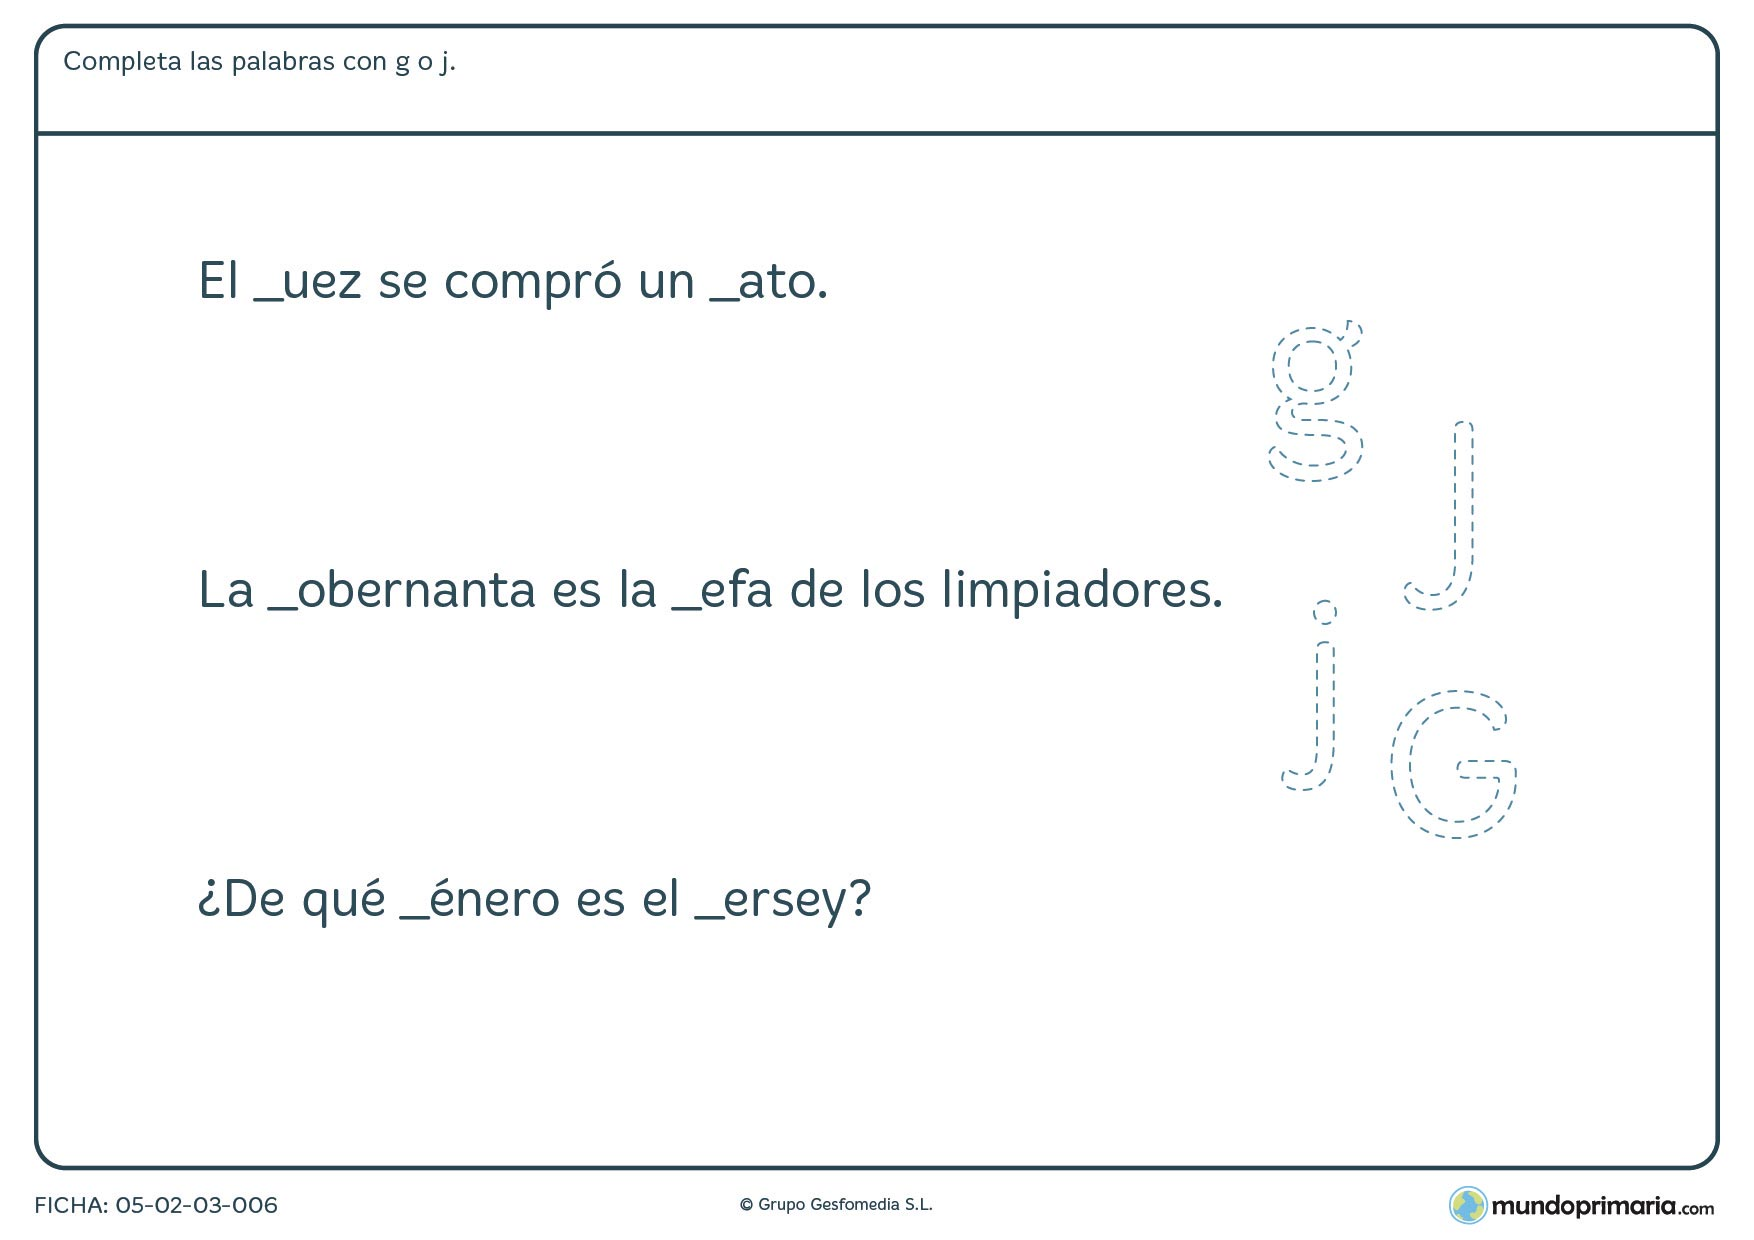 Ficha de lengua para niños de 3º de Primaria sobre las letras g y j